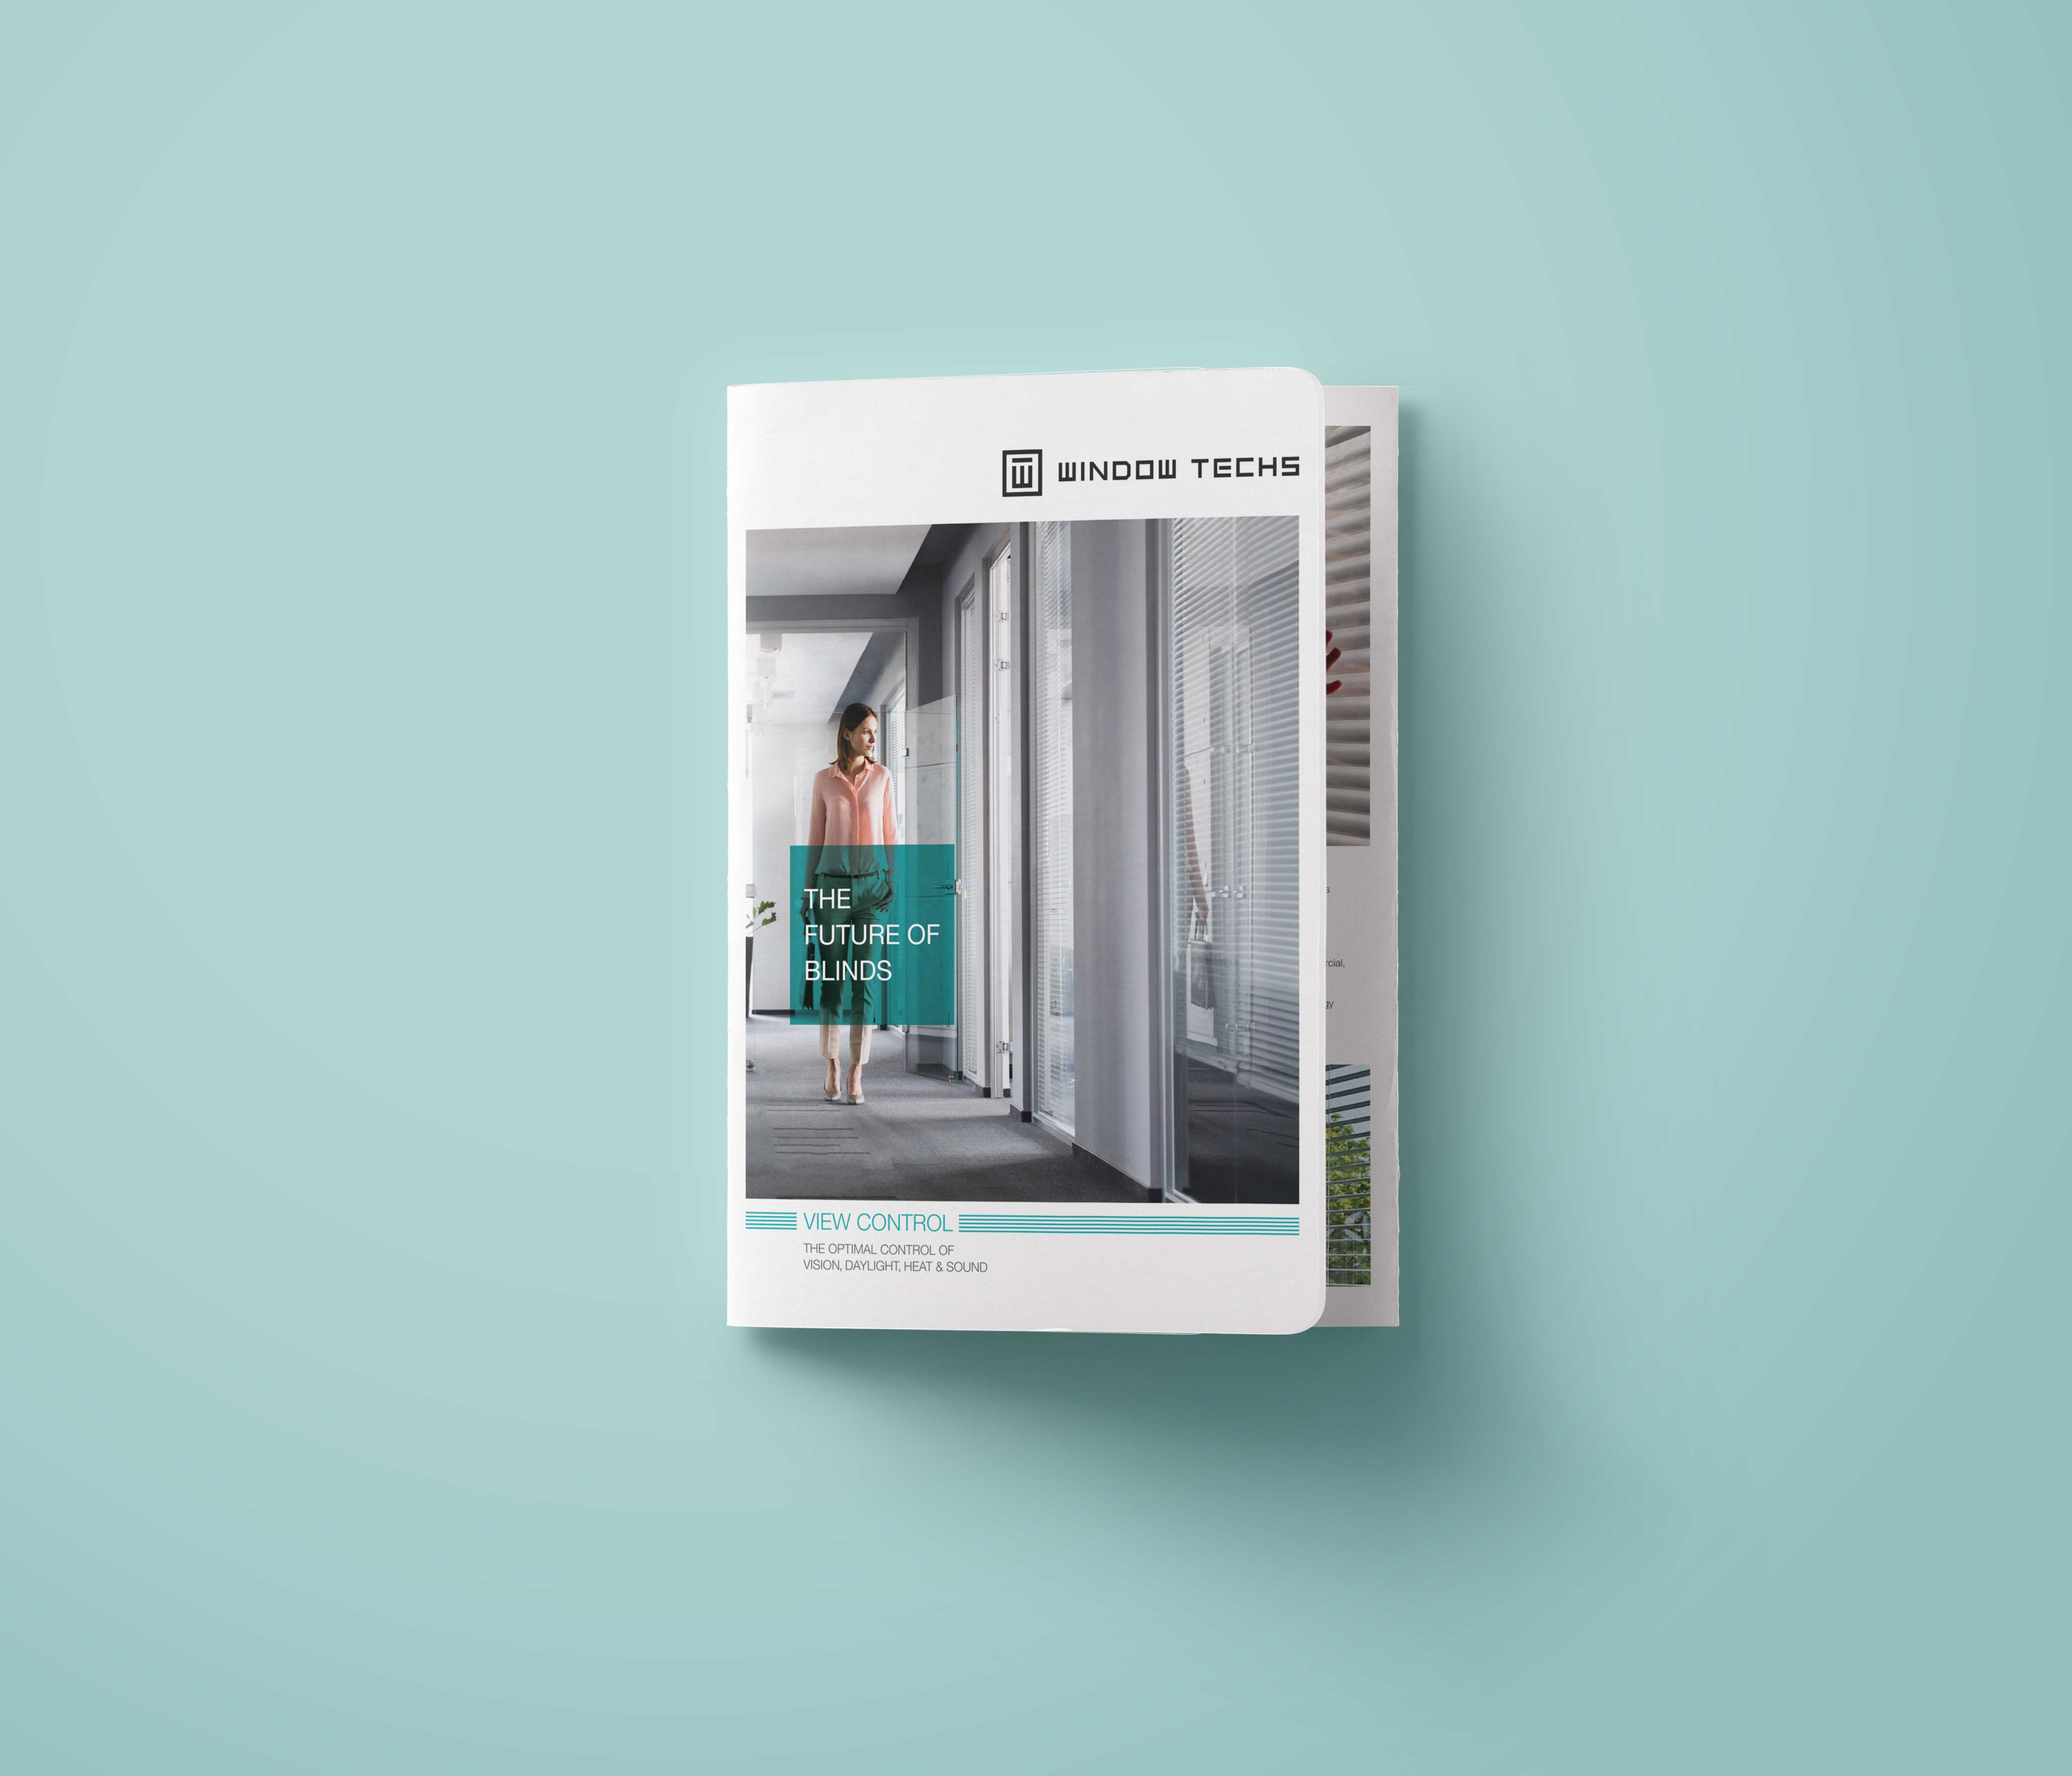 Window-Techs--Glass-blinf-Folder1